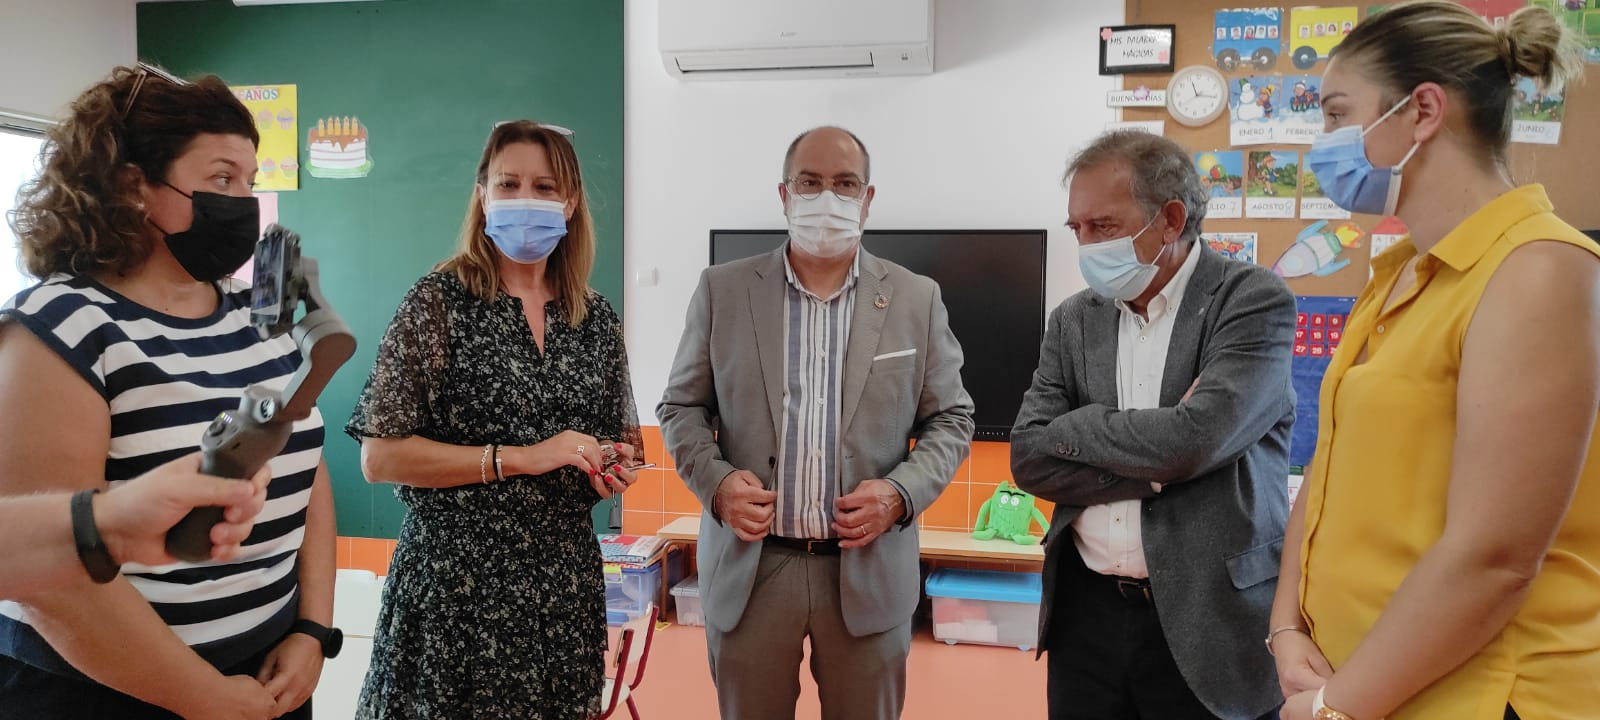 Visita del secretario autonómico (2)